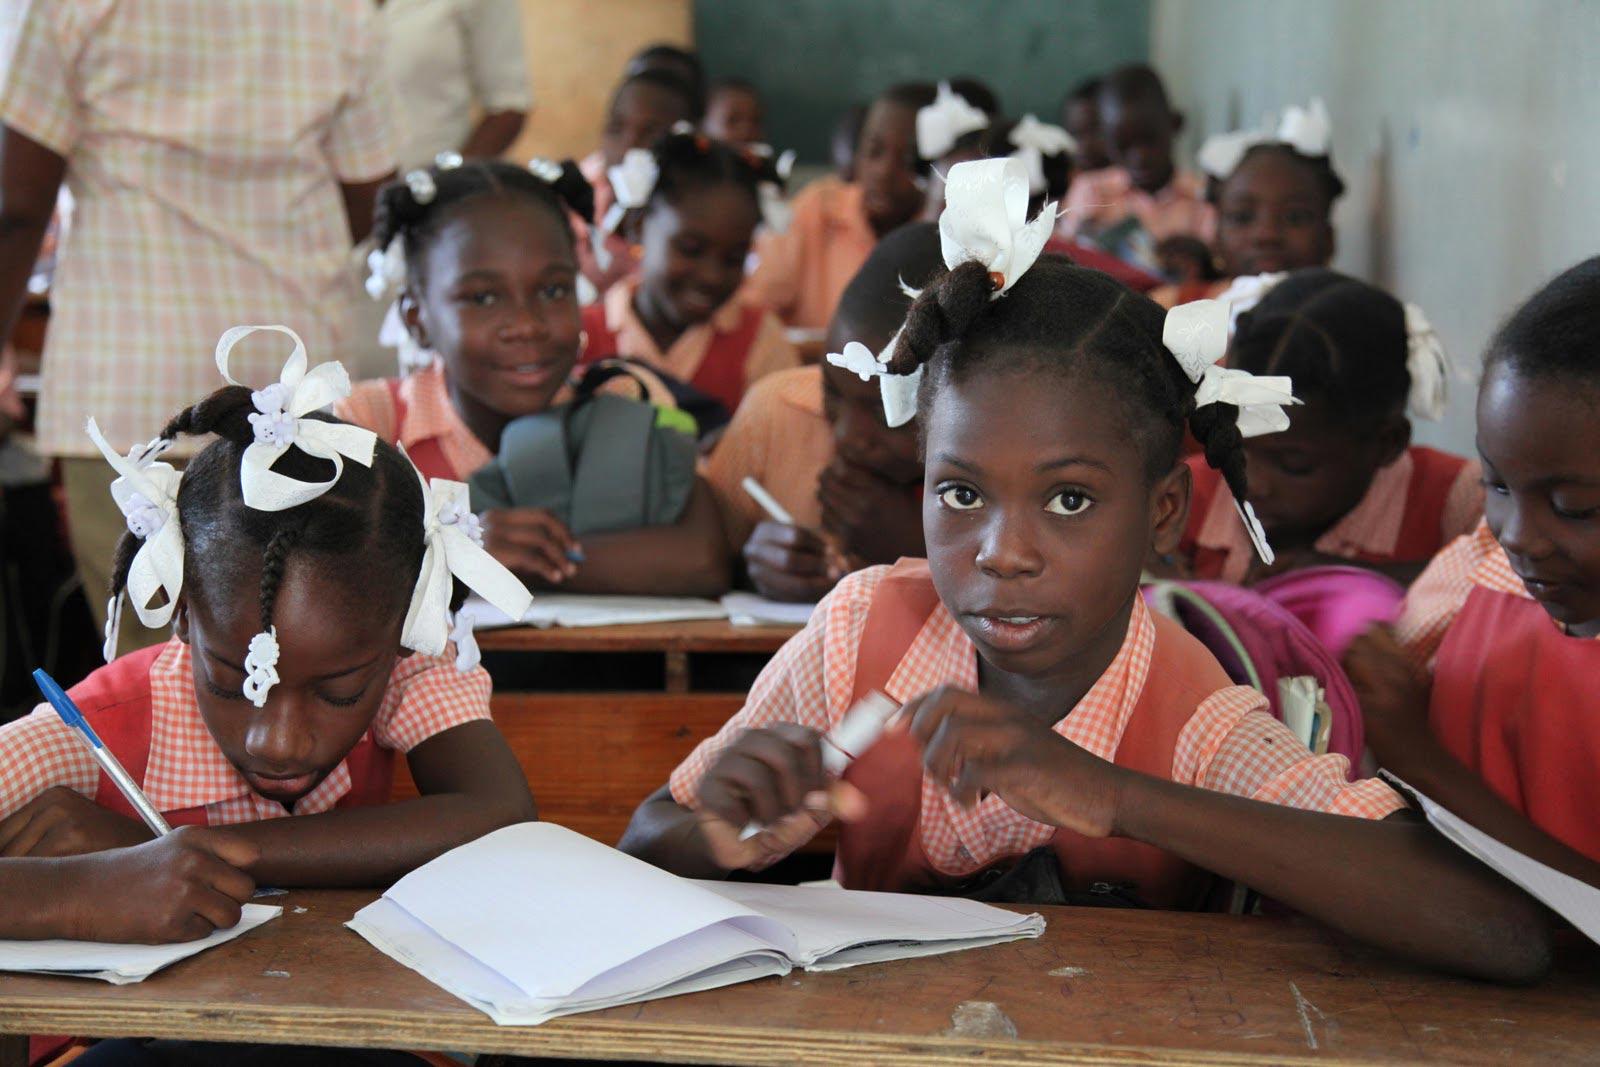 Haïti - Enfants à l'école